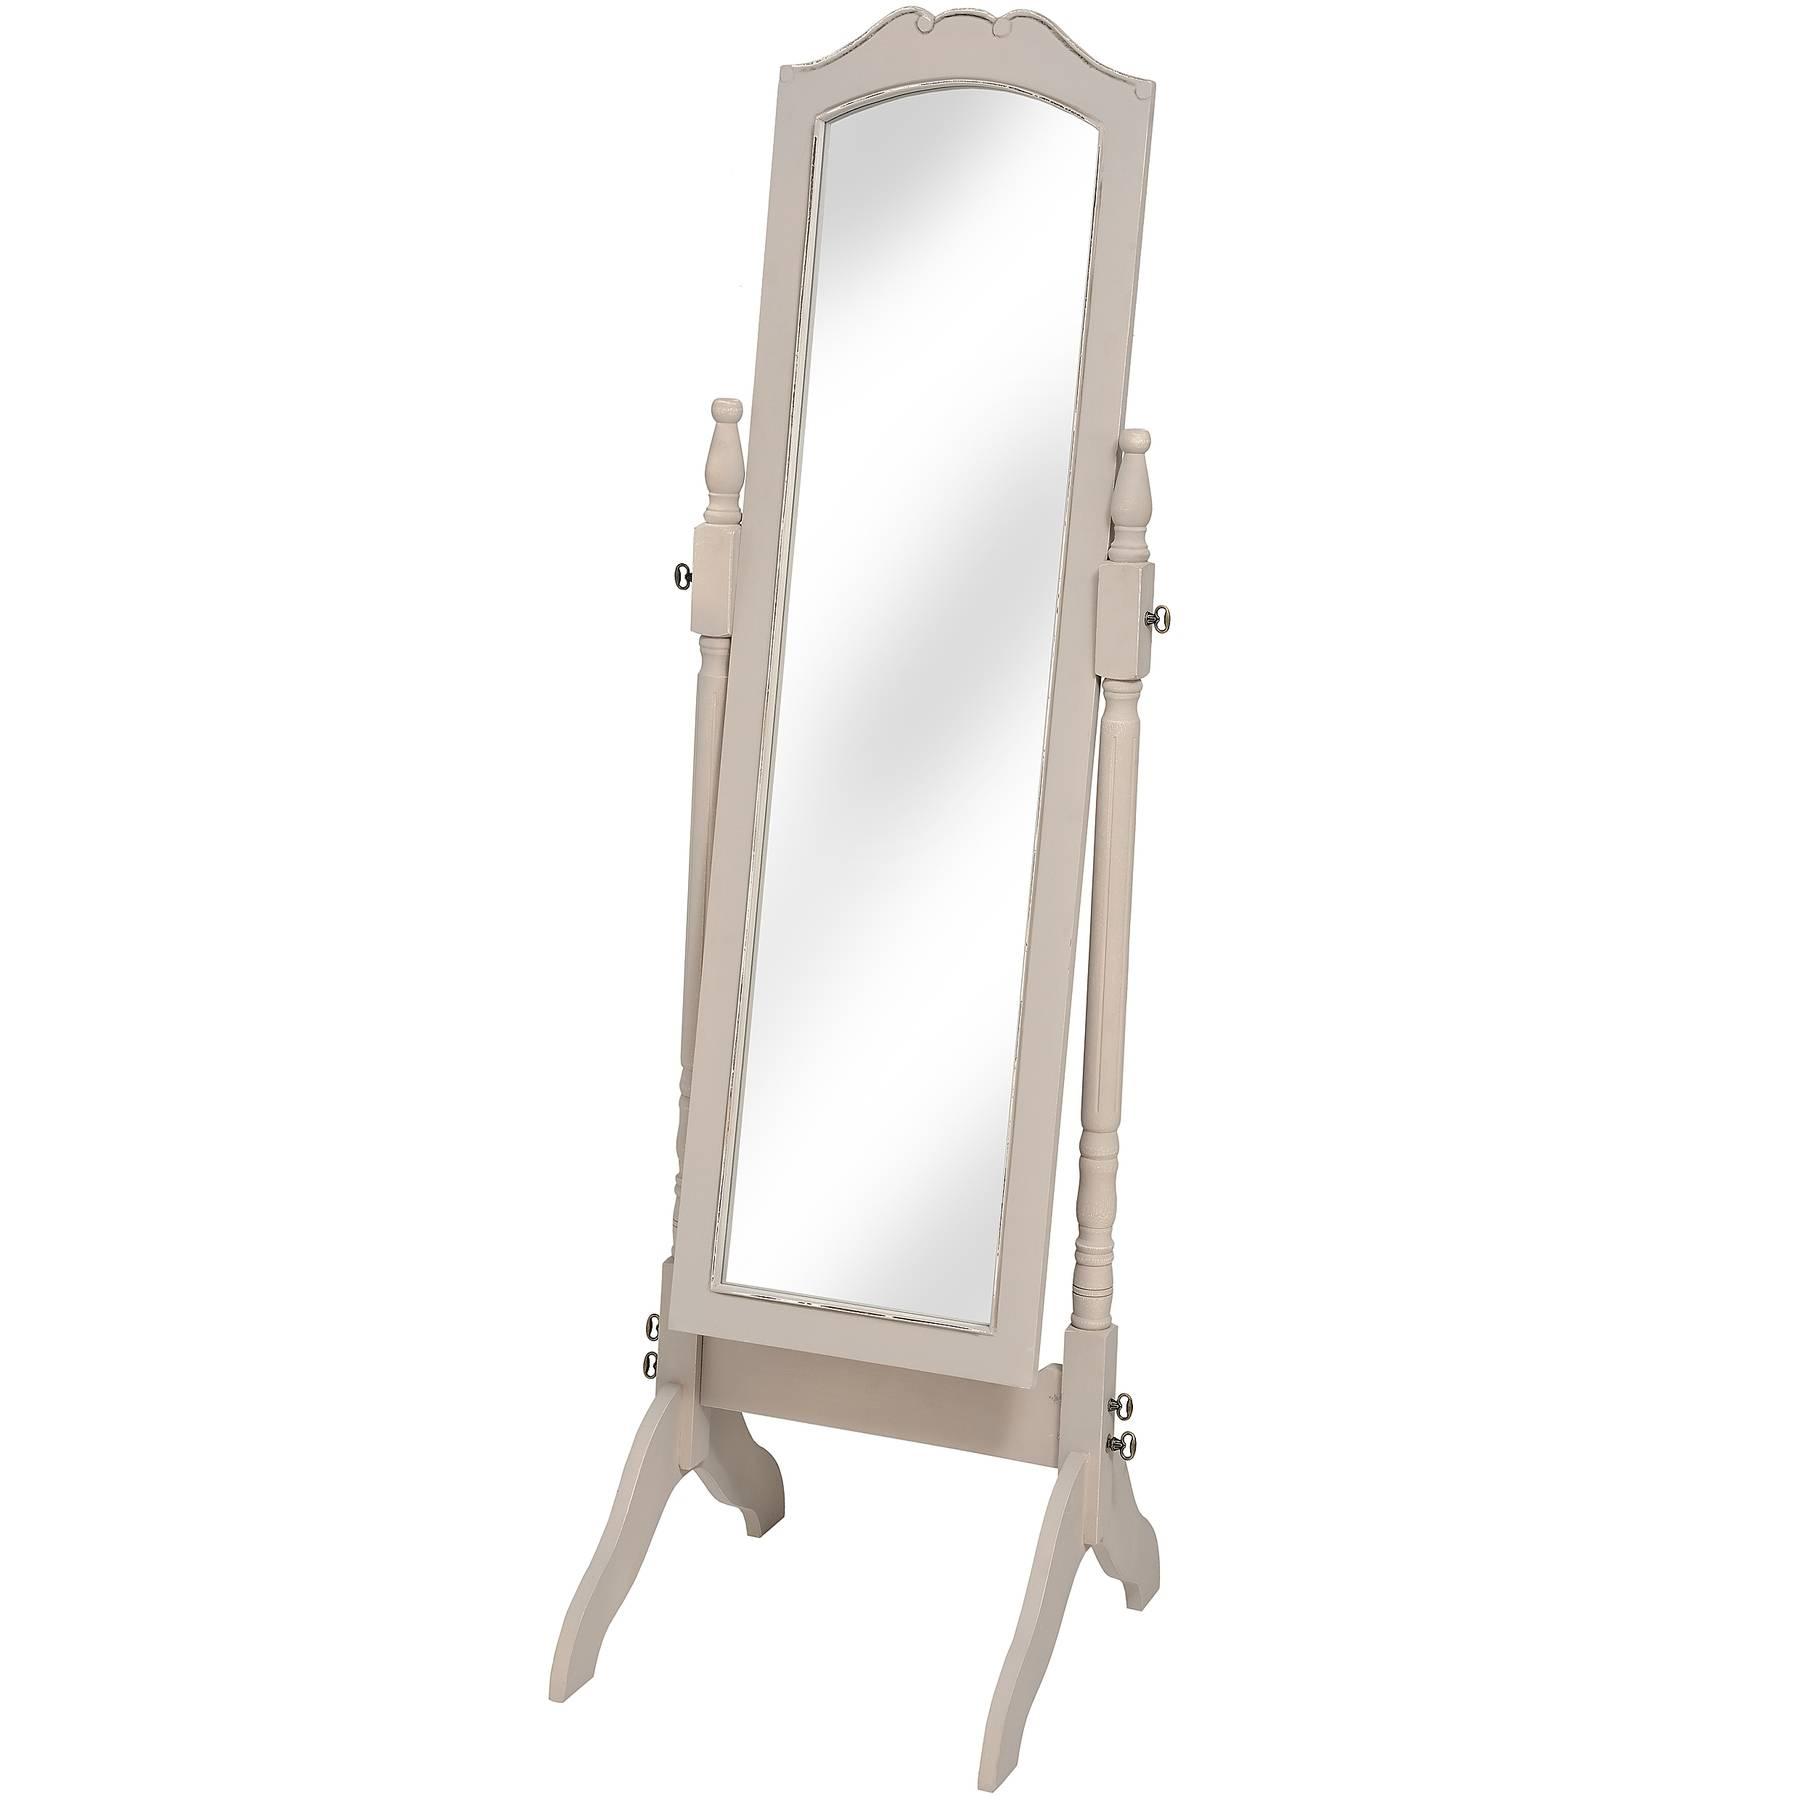 Shabby Chic Floor Standing Mirror 97 Stunning Decor With Full within Shabby Chic Floor Standing Mirrors (Image 13 of 15)